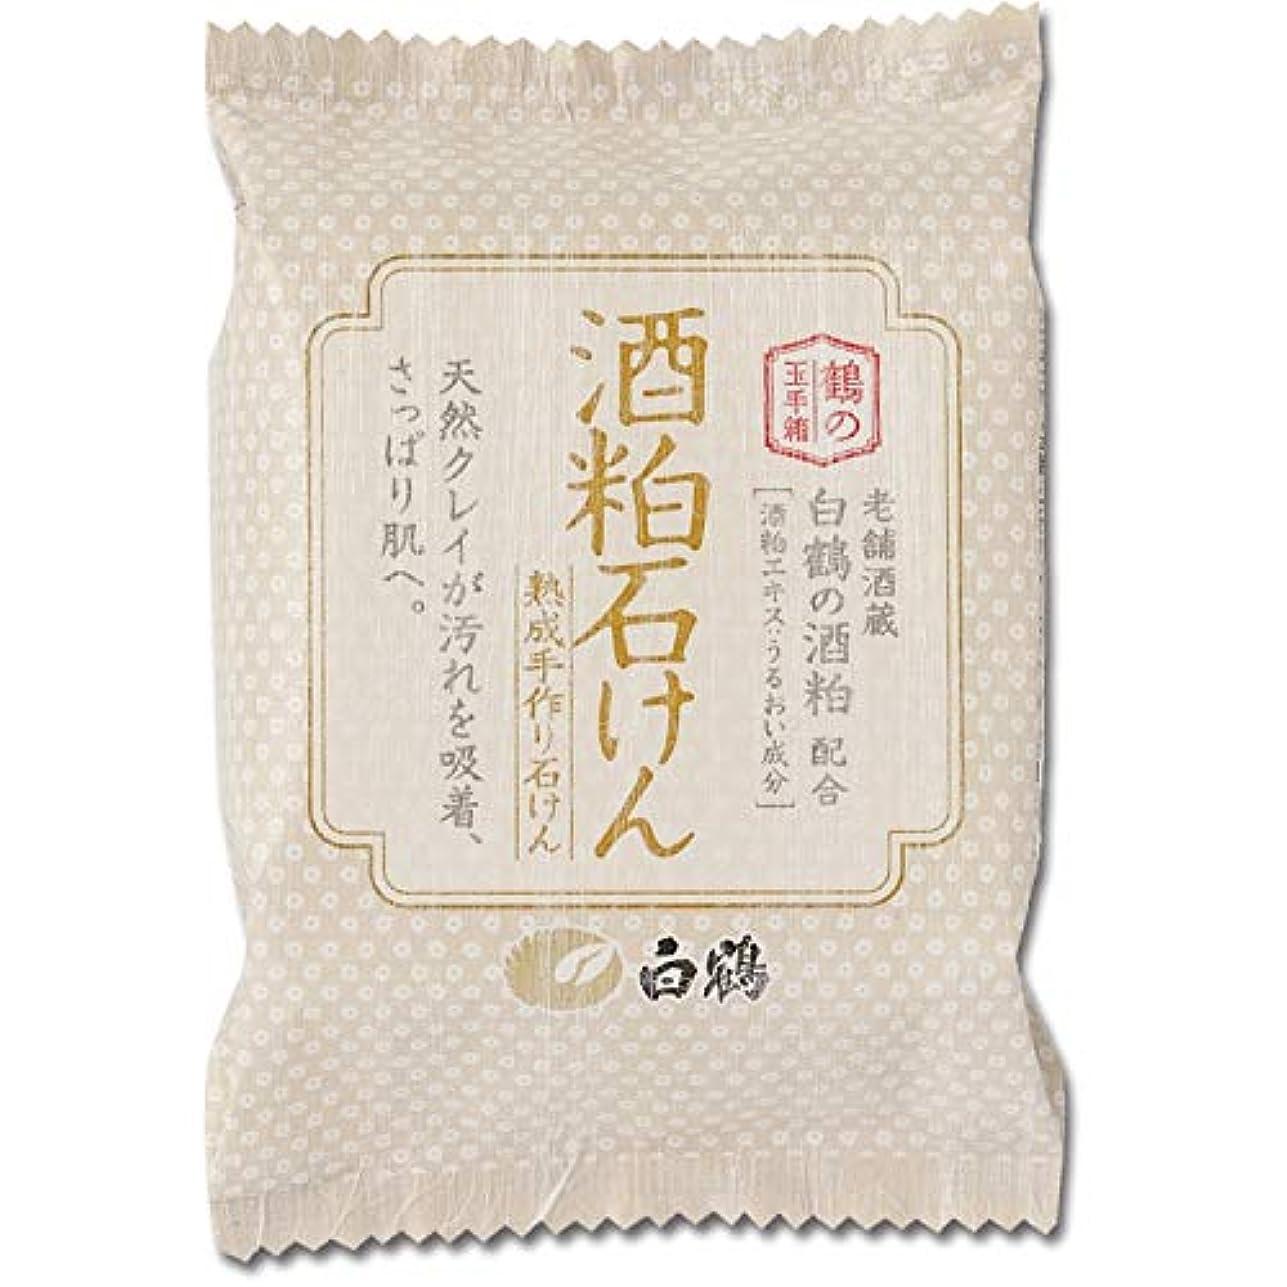 ガム着陸用語集白鶴 鶴の玉手箱 酒粕石けん 100g (全身用石鹸)